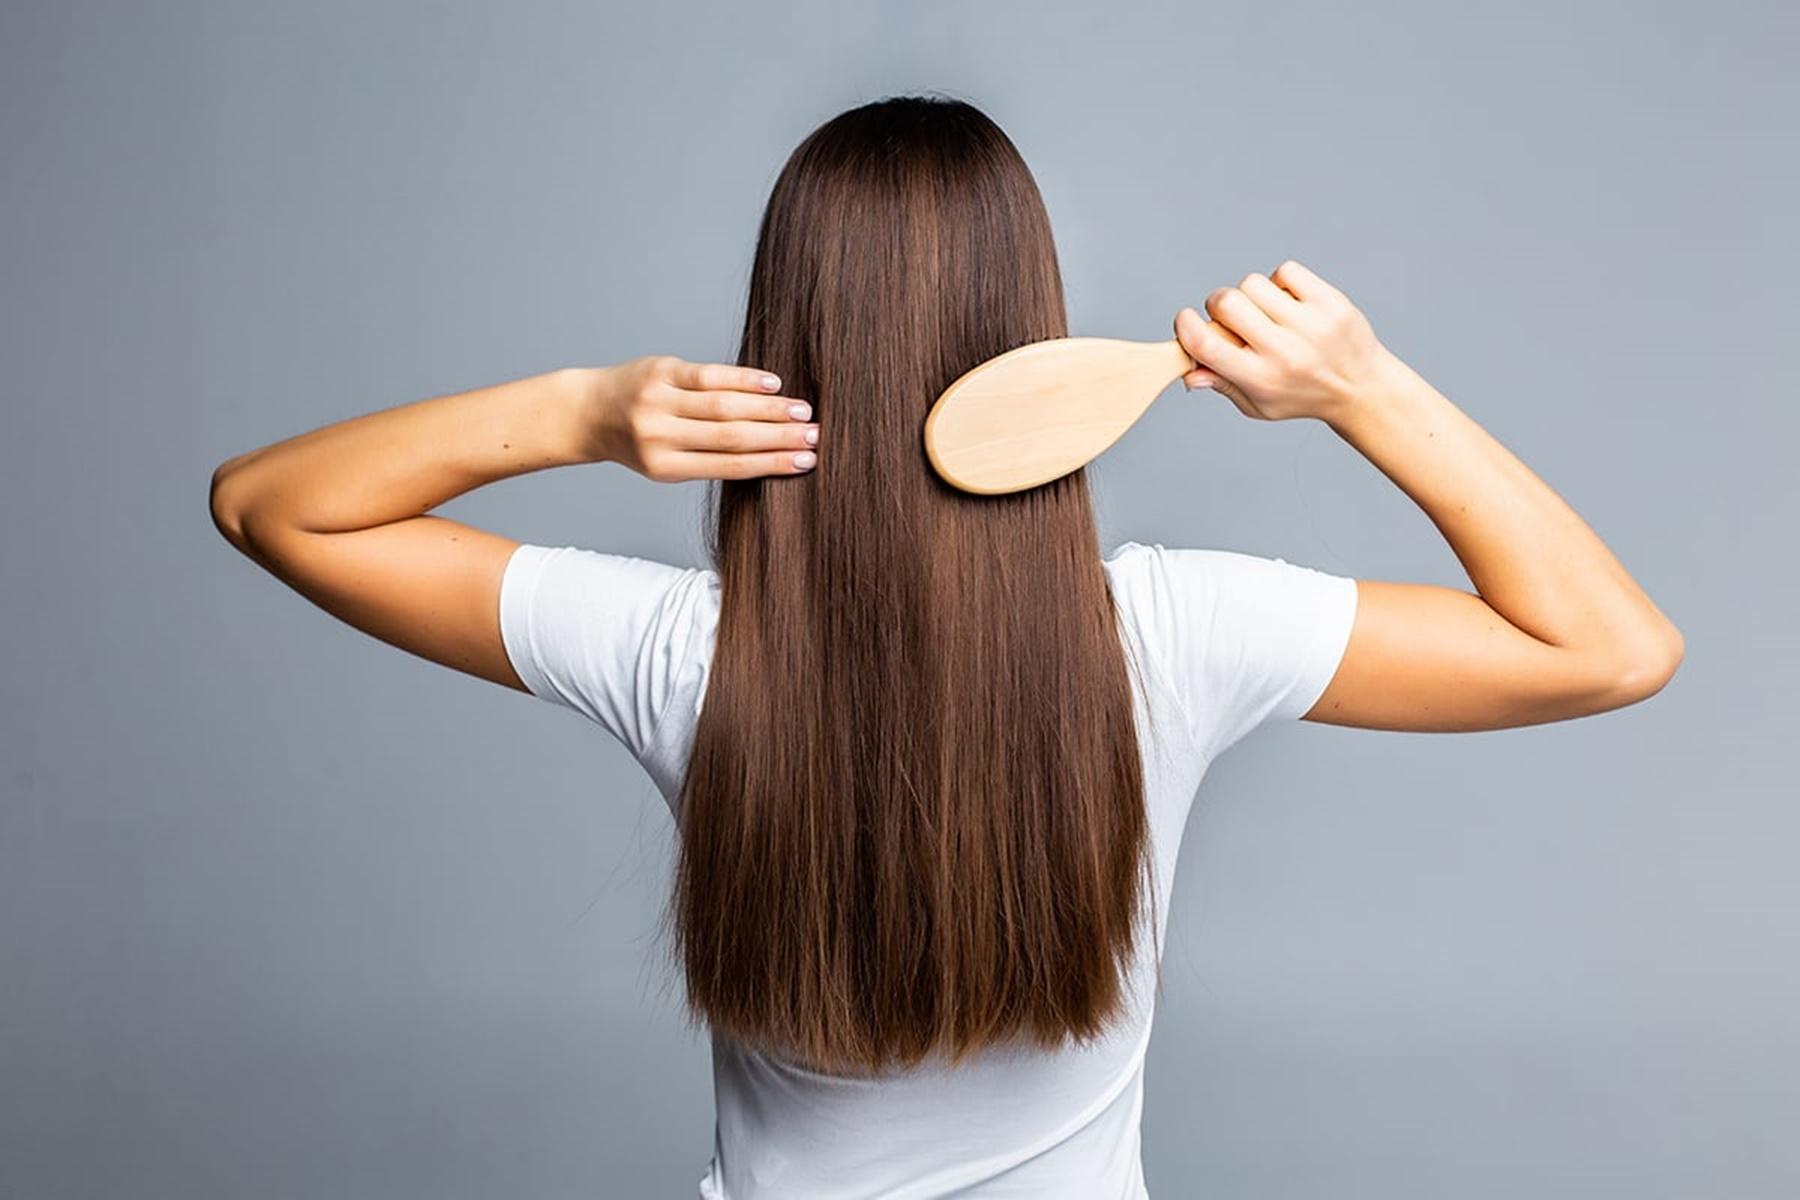 Μαλλιά μάκρος: Επιμηκύνετε τα μαλλιά σας χωρίς να σπάνε